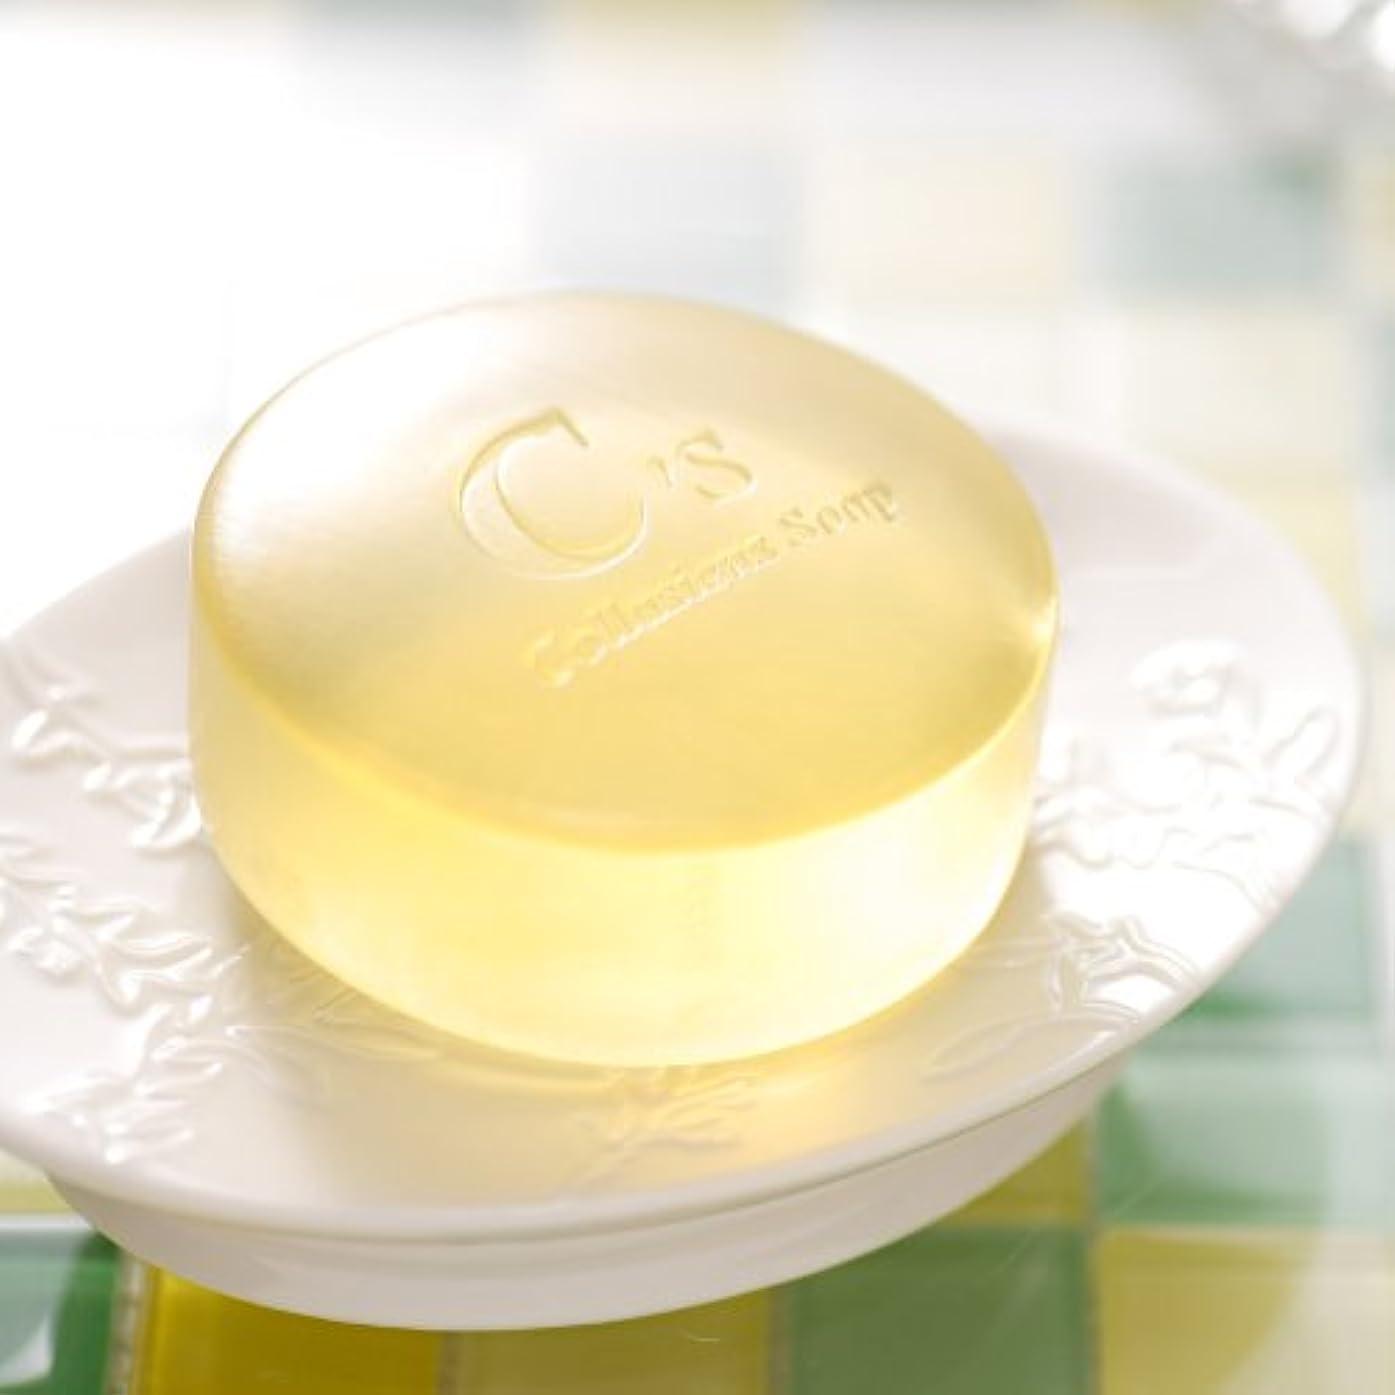 所属電報消費者肌理石鹸(きめせっけん)☆90日間熟成させた手作りソープ